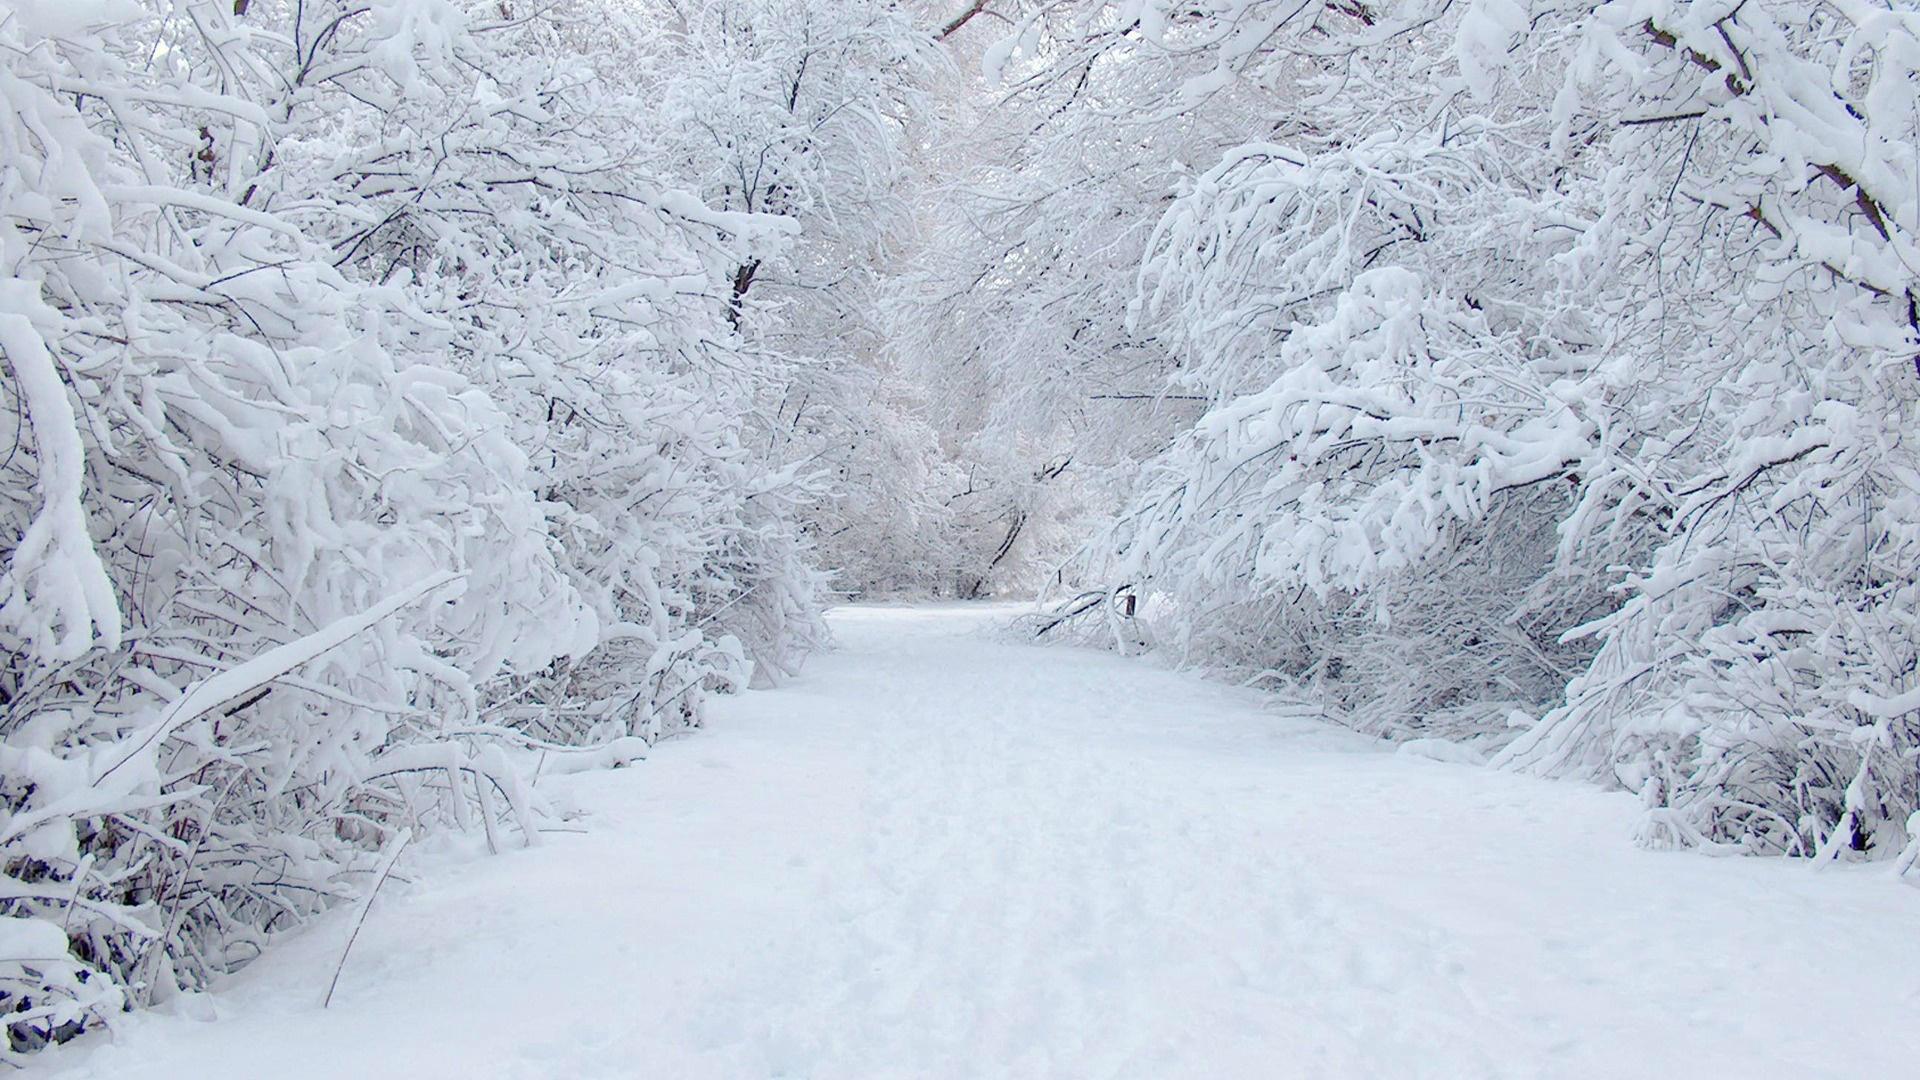 Winter Snow Wallpaper Hd 19202151080 23180 HD Wallpaper Res 1920x1080